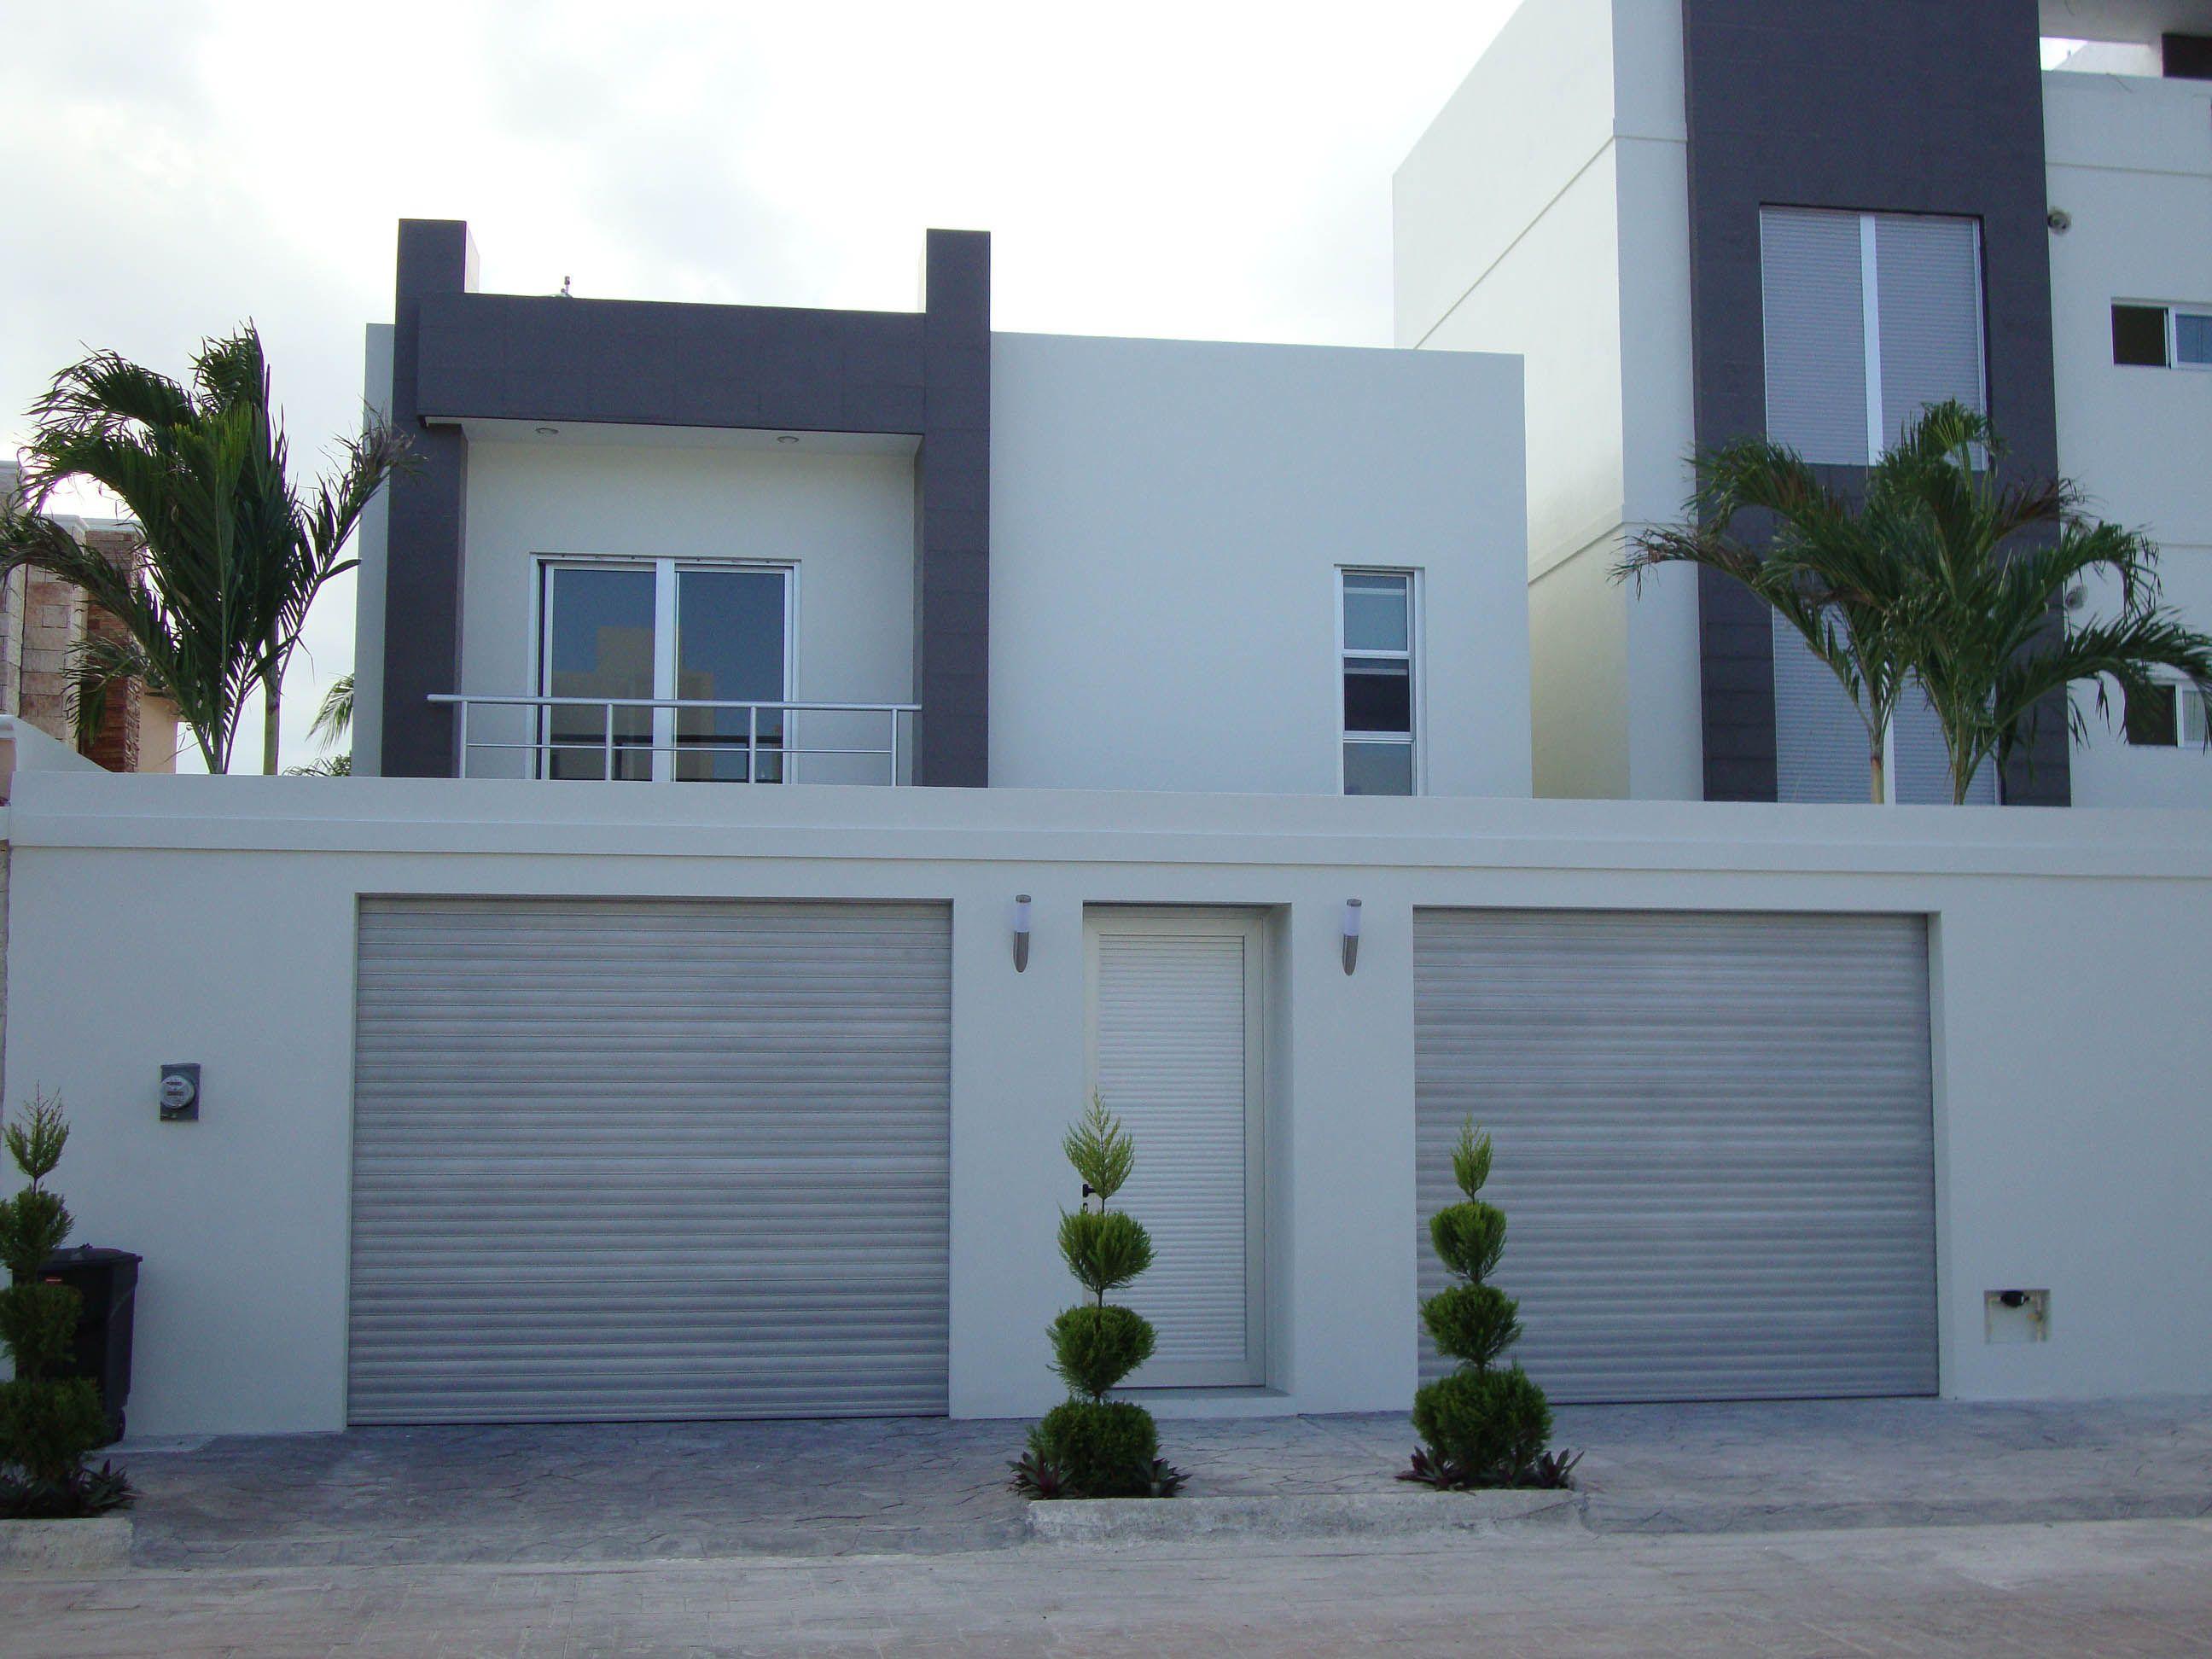 Casa en renta 28 000 3 recamaras sala de tv cocina - Decoraciones de casas modernas ...